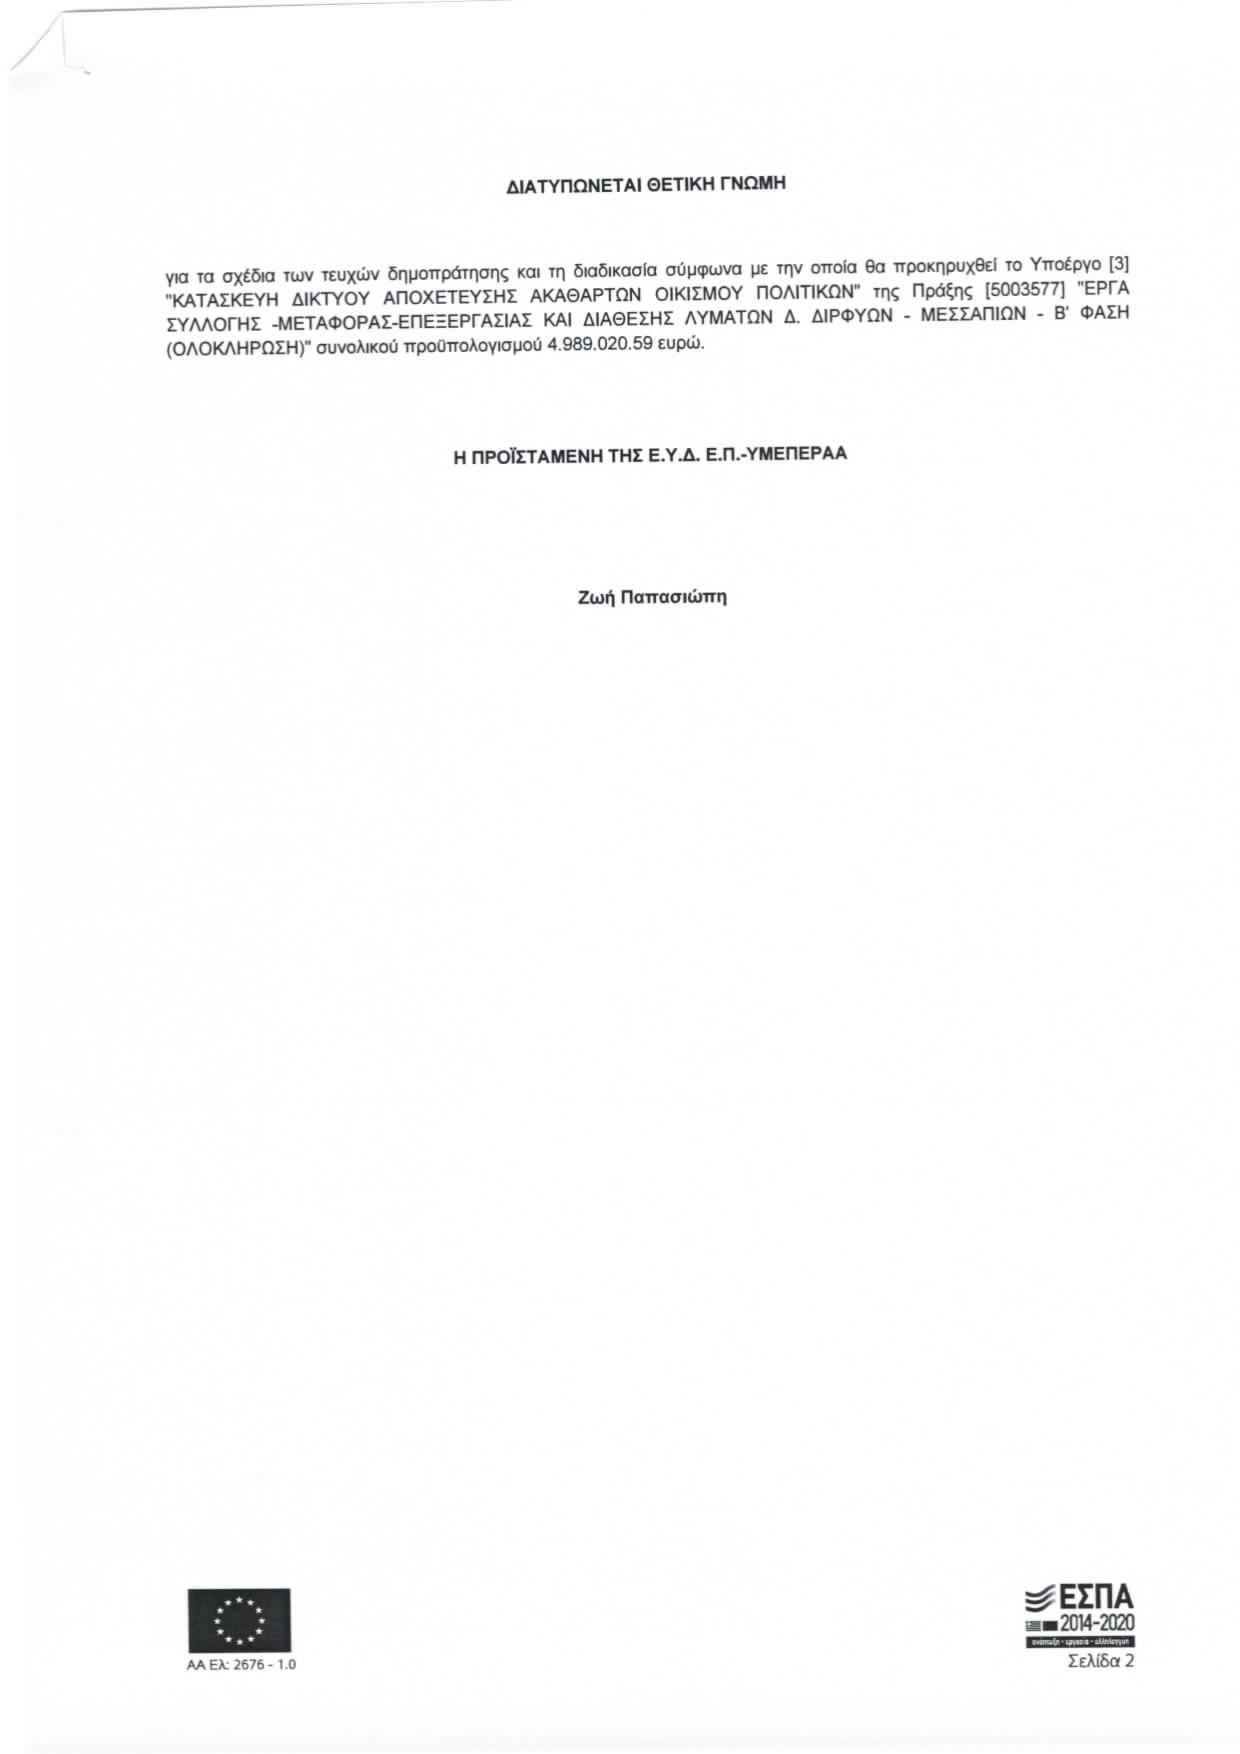 Έγκριση διακήρυξης για το υποέργο «Κατασκευή Δικτύου αποχέτευσης ακάθαρτων οικισμού Πολιτικών» 2 1